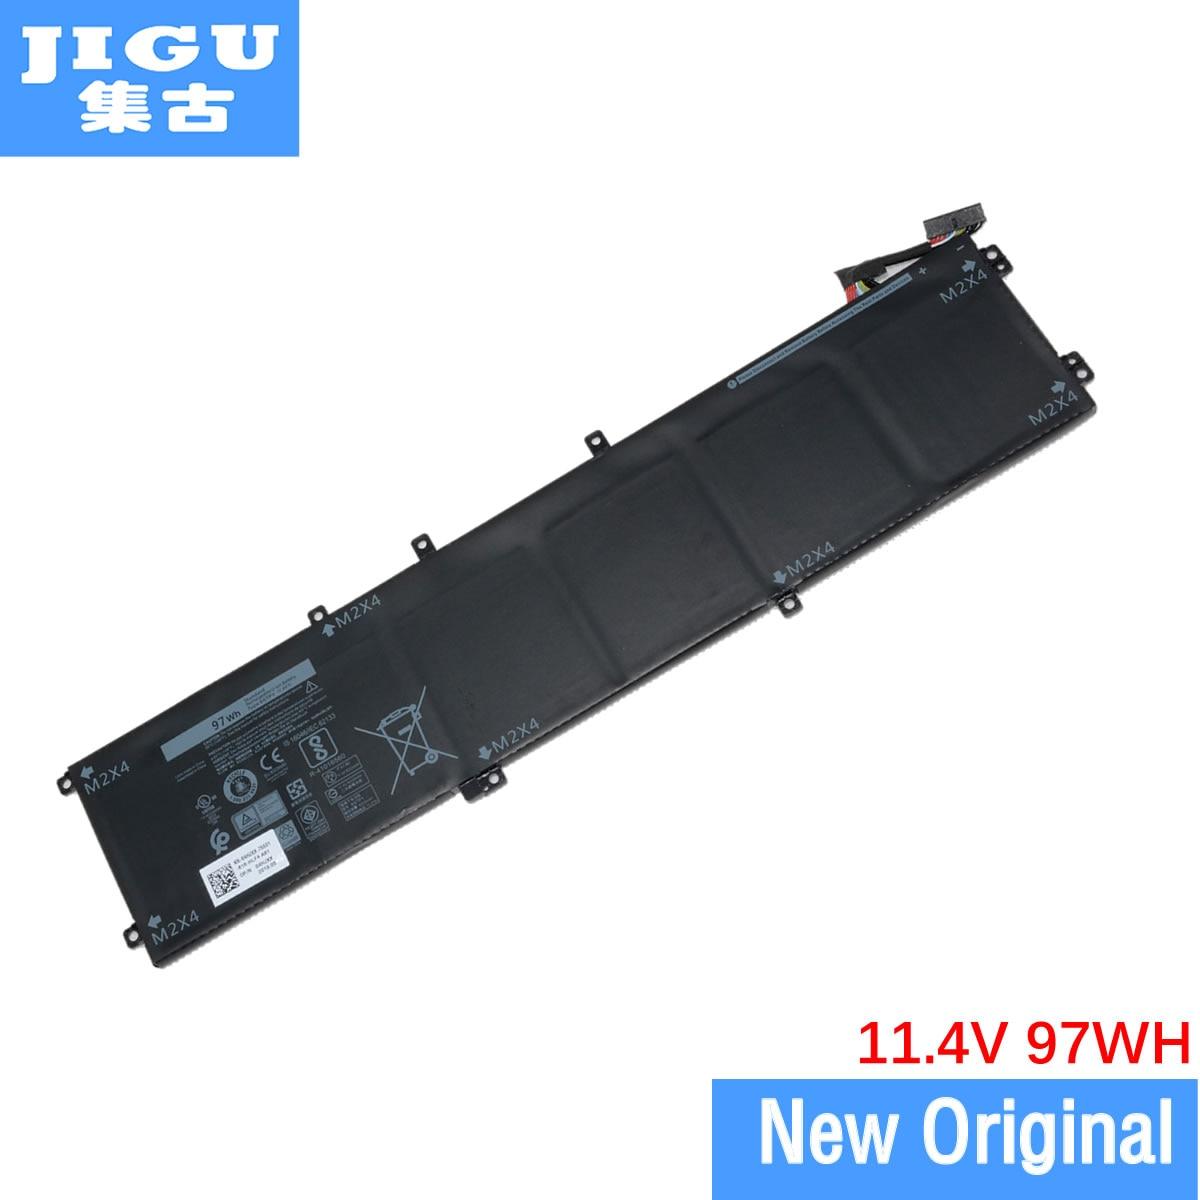 JIGU Original ordenador portátil batería 05041C 6GTPY H5H20 5XJ28 para Dell precisión 5520 5530 M5510 M5520 XPS 15 9570-11,4 V 97WH